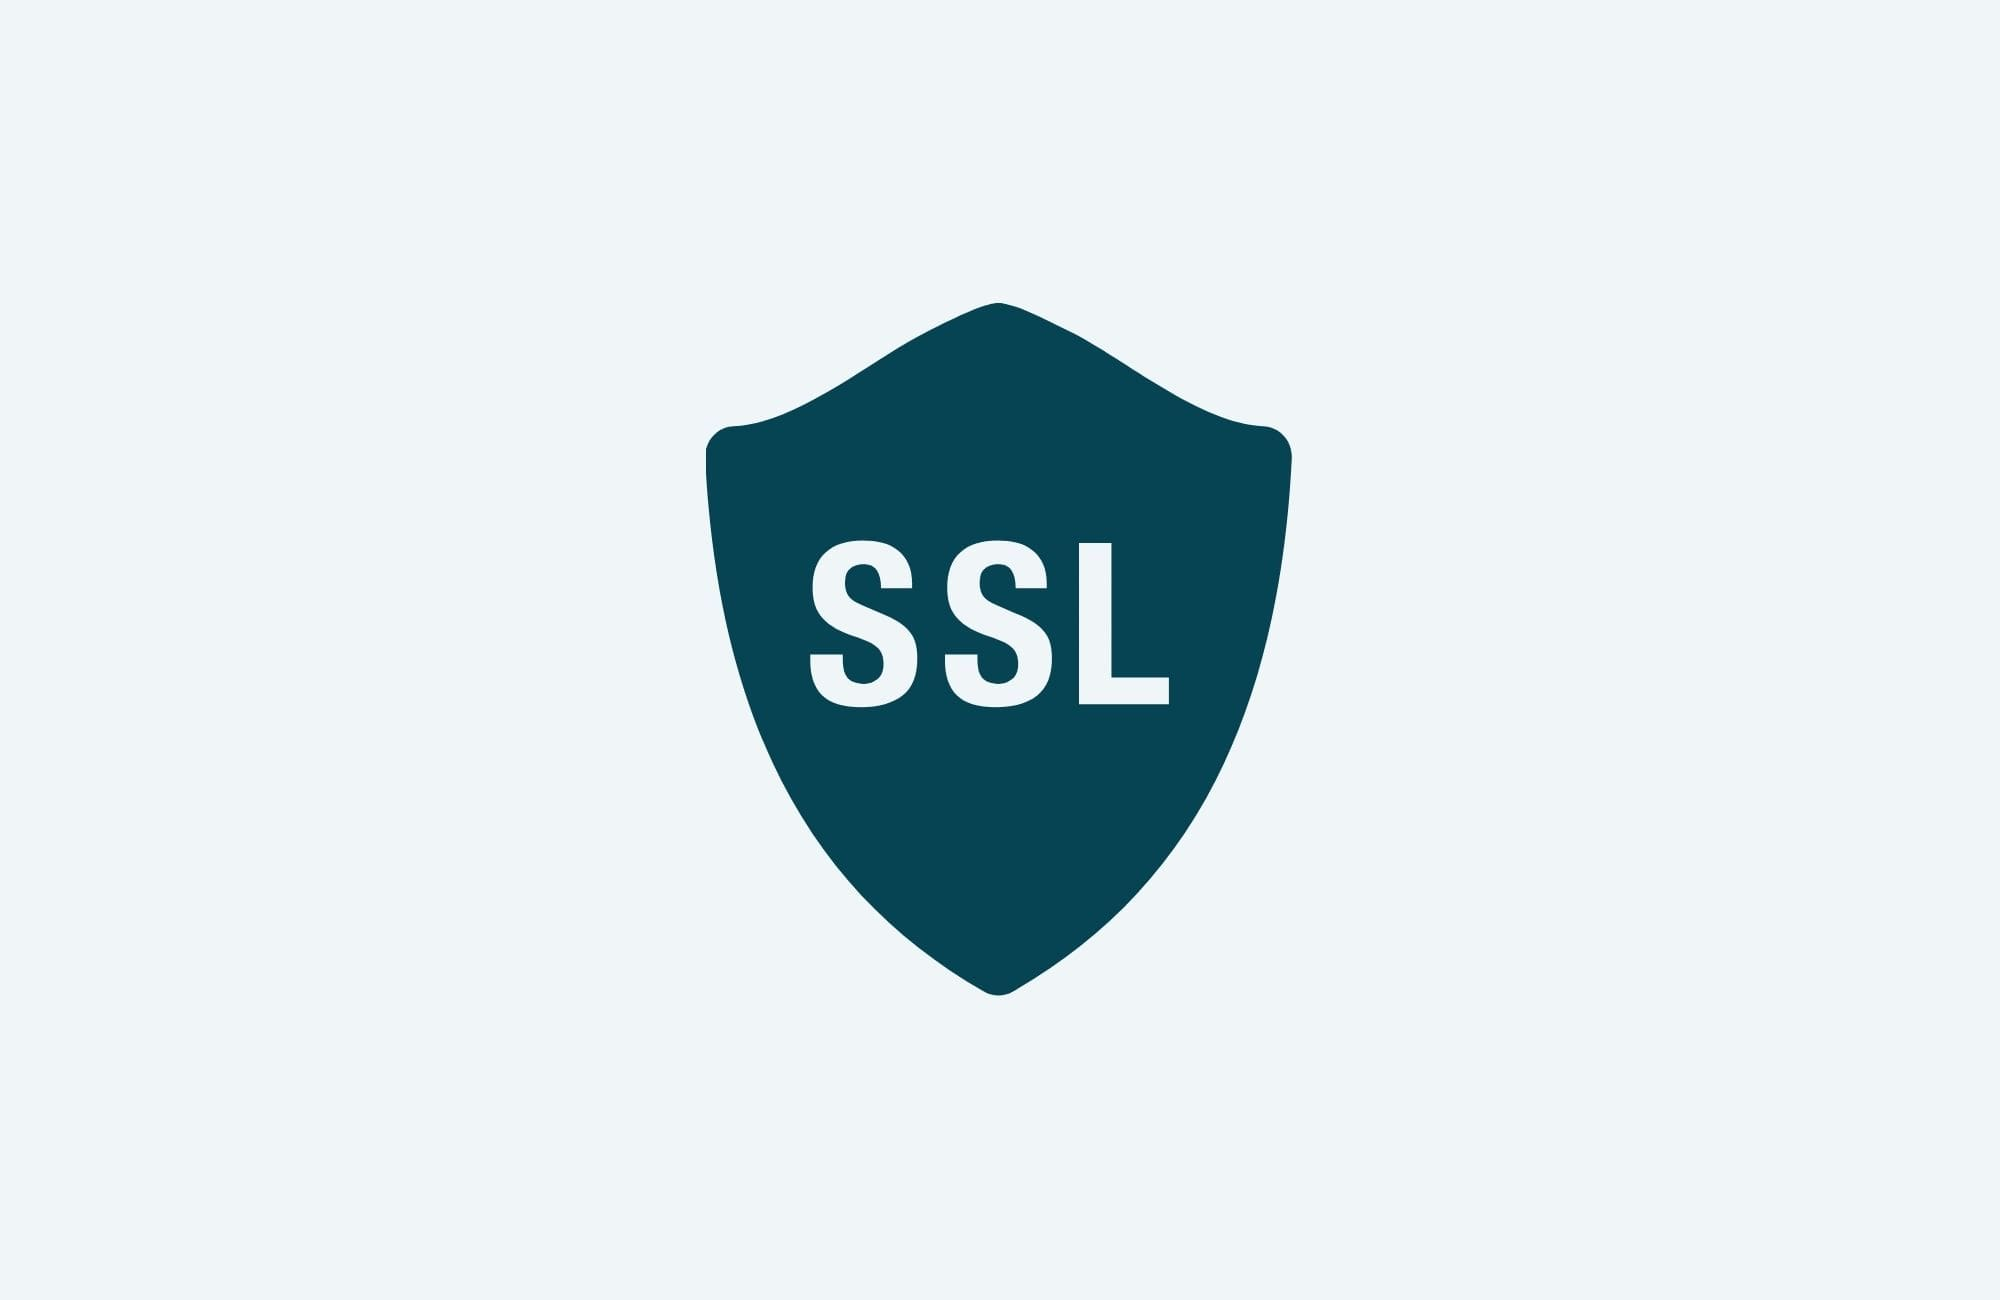 SSL titkosítás